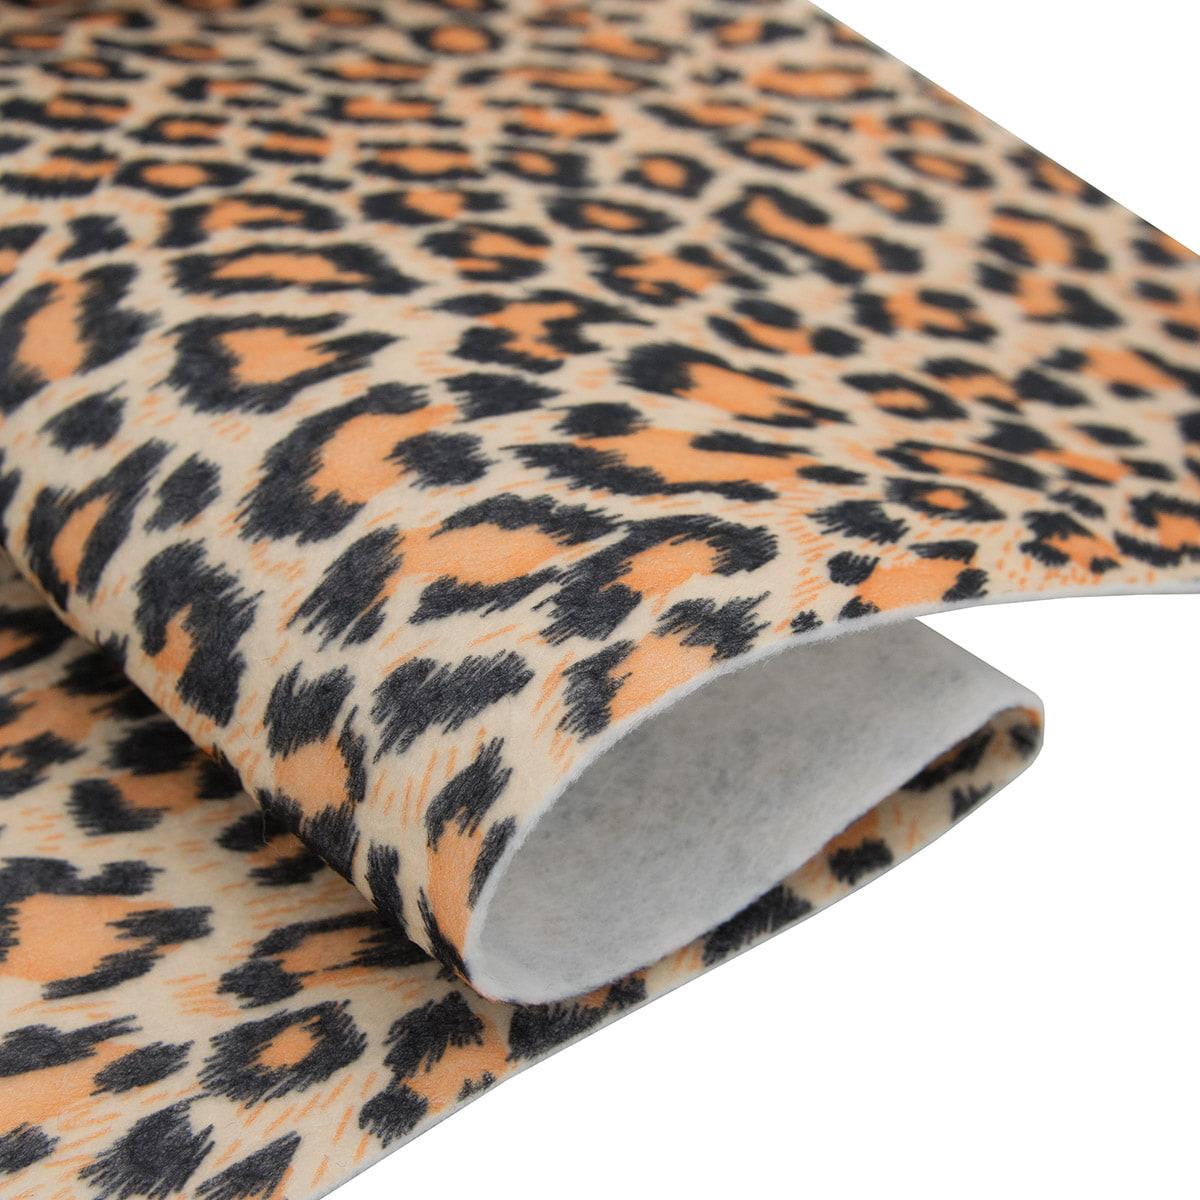 """Фетр листовой декоративный """"Леопард"""" Астра, 1,0мм, 180 гр, 20*30 см, 5 шт/упак"""